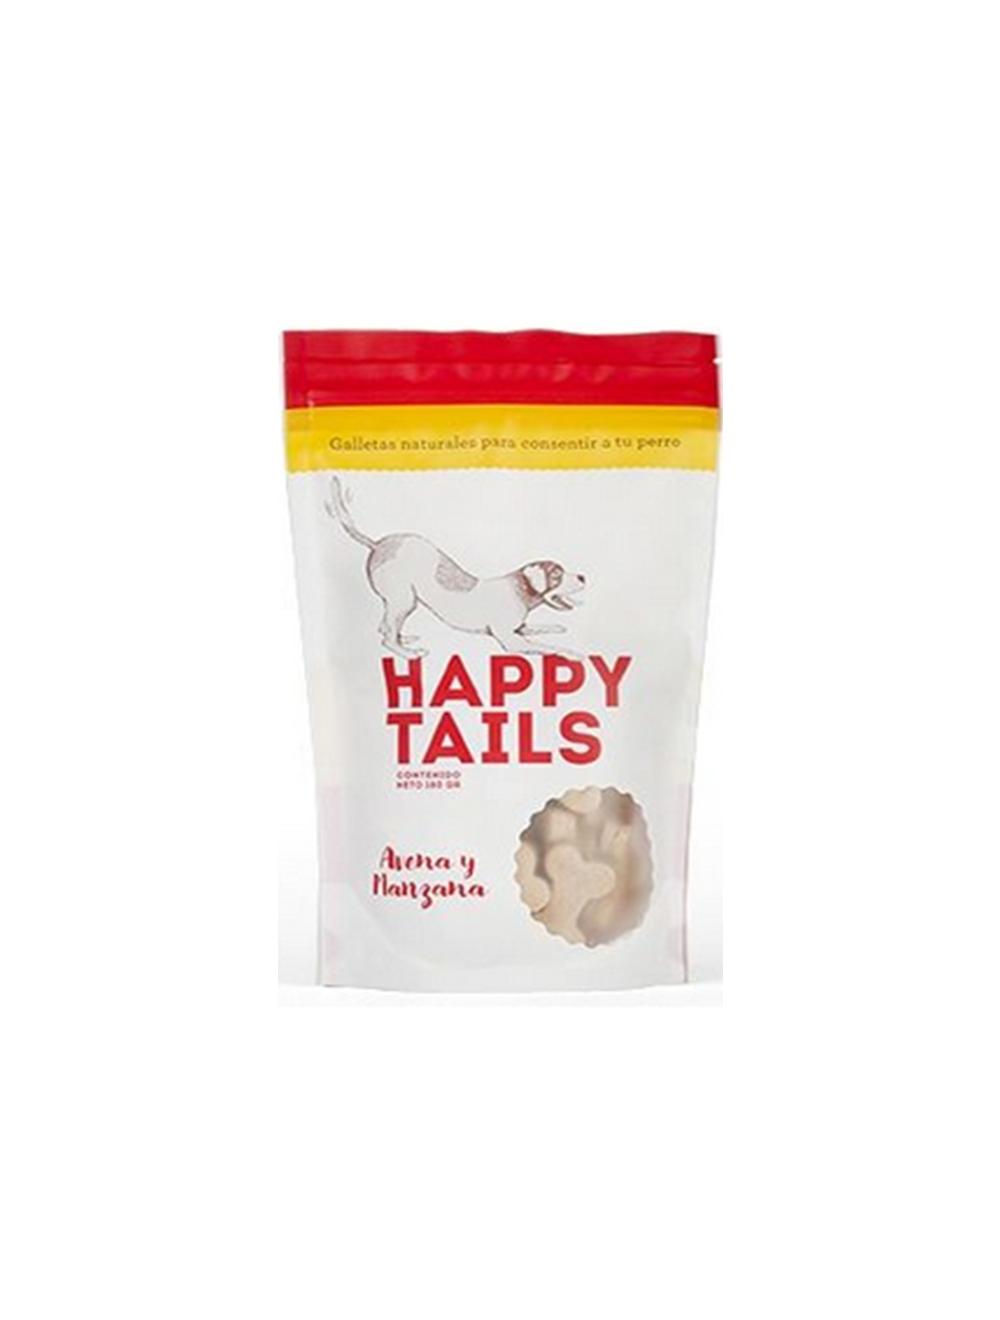 Happy Tails Avena y Manzana - Ciudaddemascotas.com